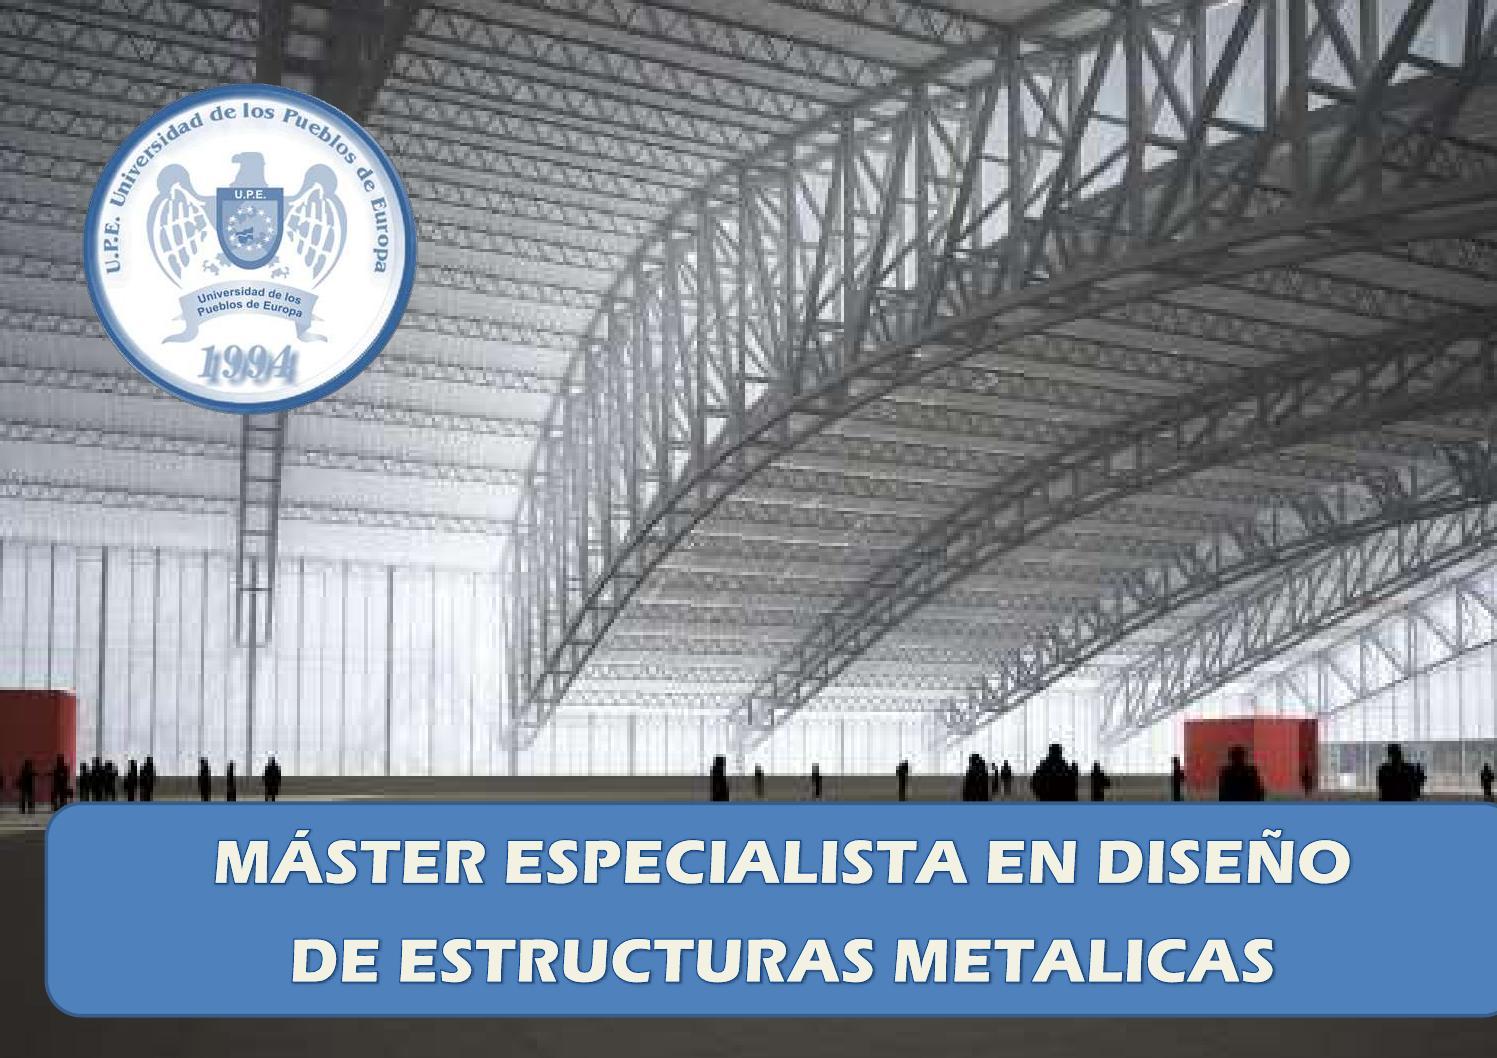 Máster Especialista en Diseño de Estructuras Metálicas by U.P.E. ...